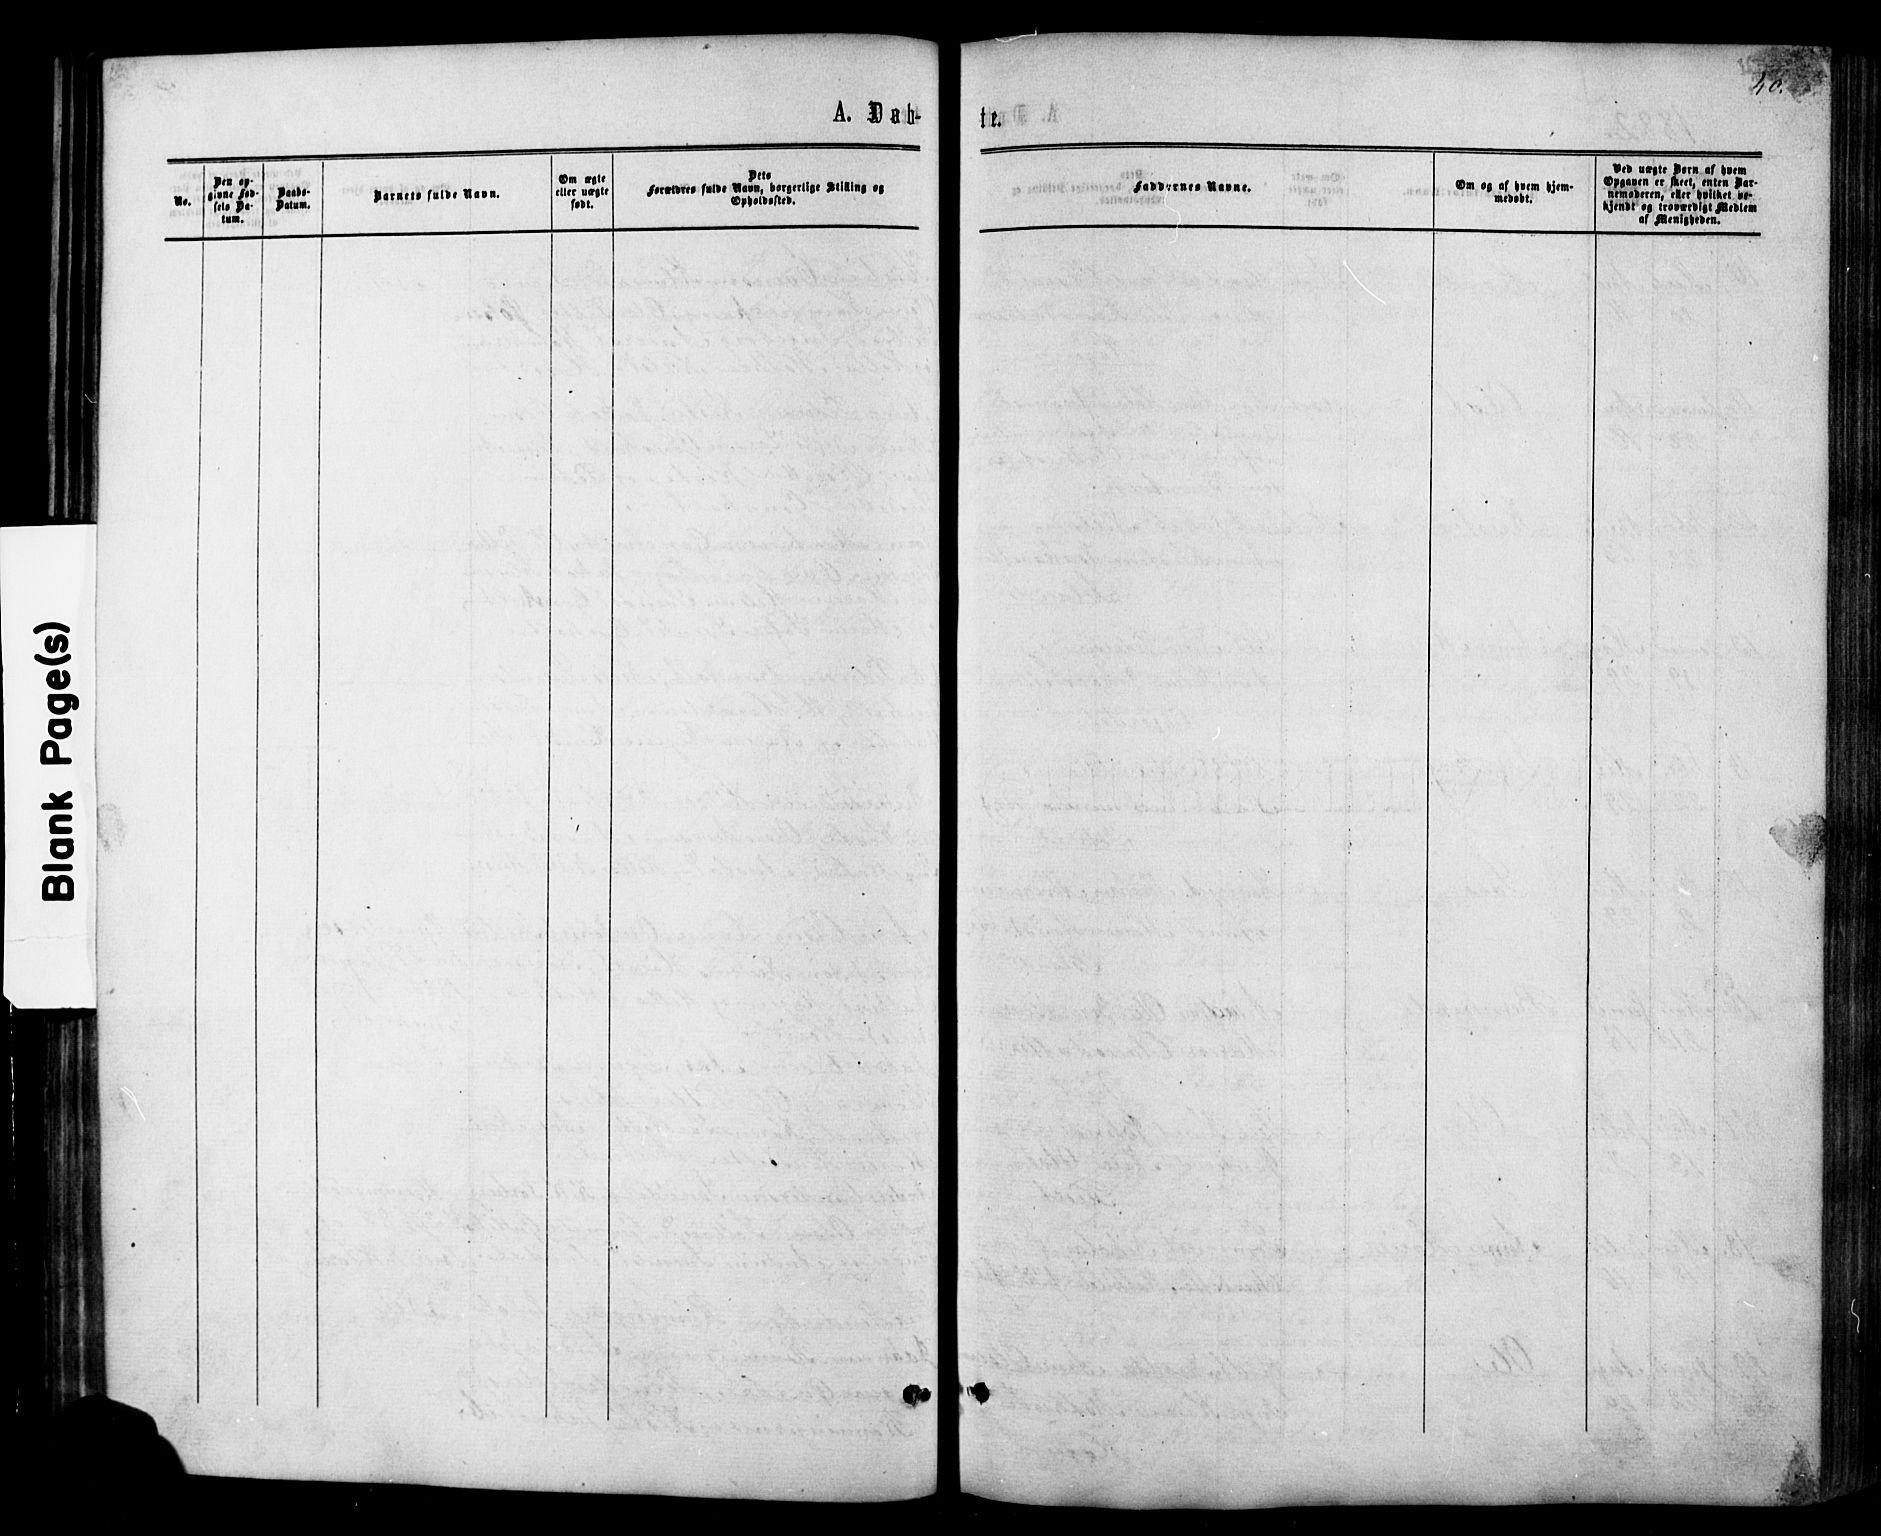 SAKO, Siljan kirkebøker, G/Ga/L0002: Klokkerbok nr. 2, 1864-1908, s. 40